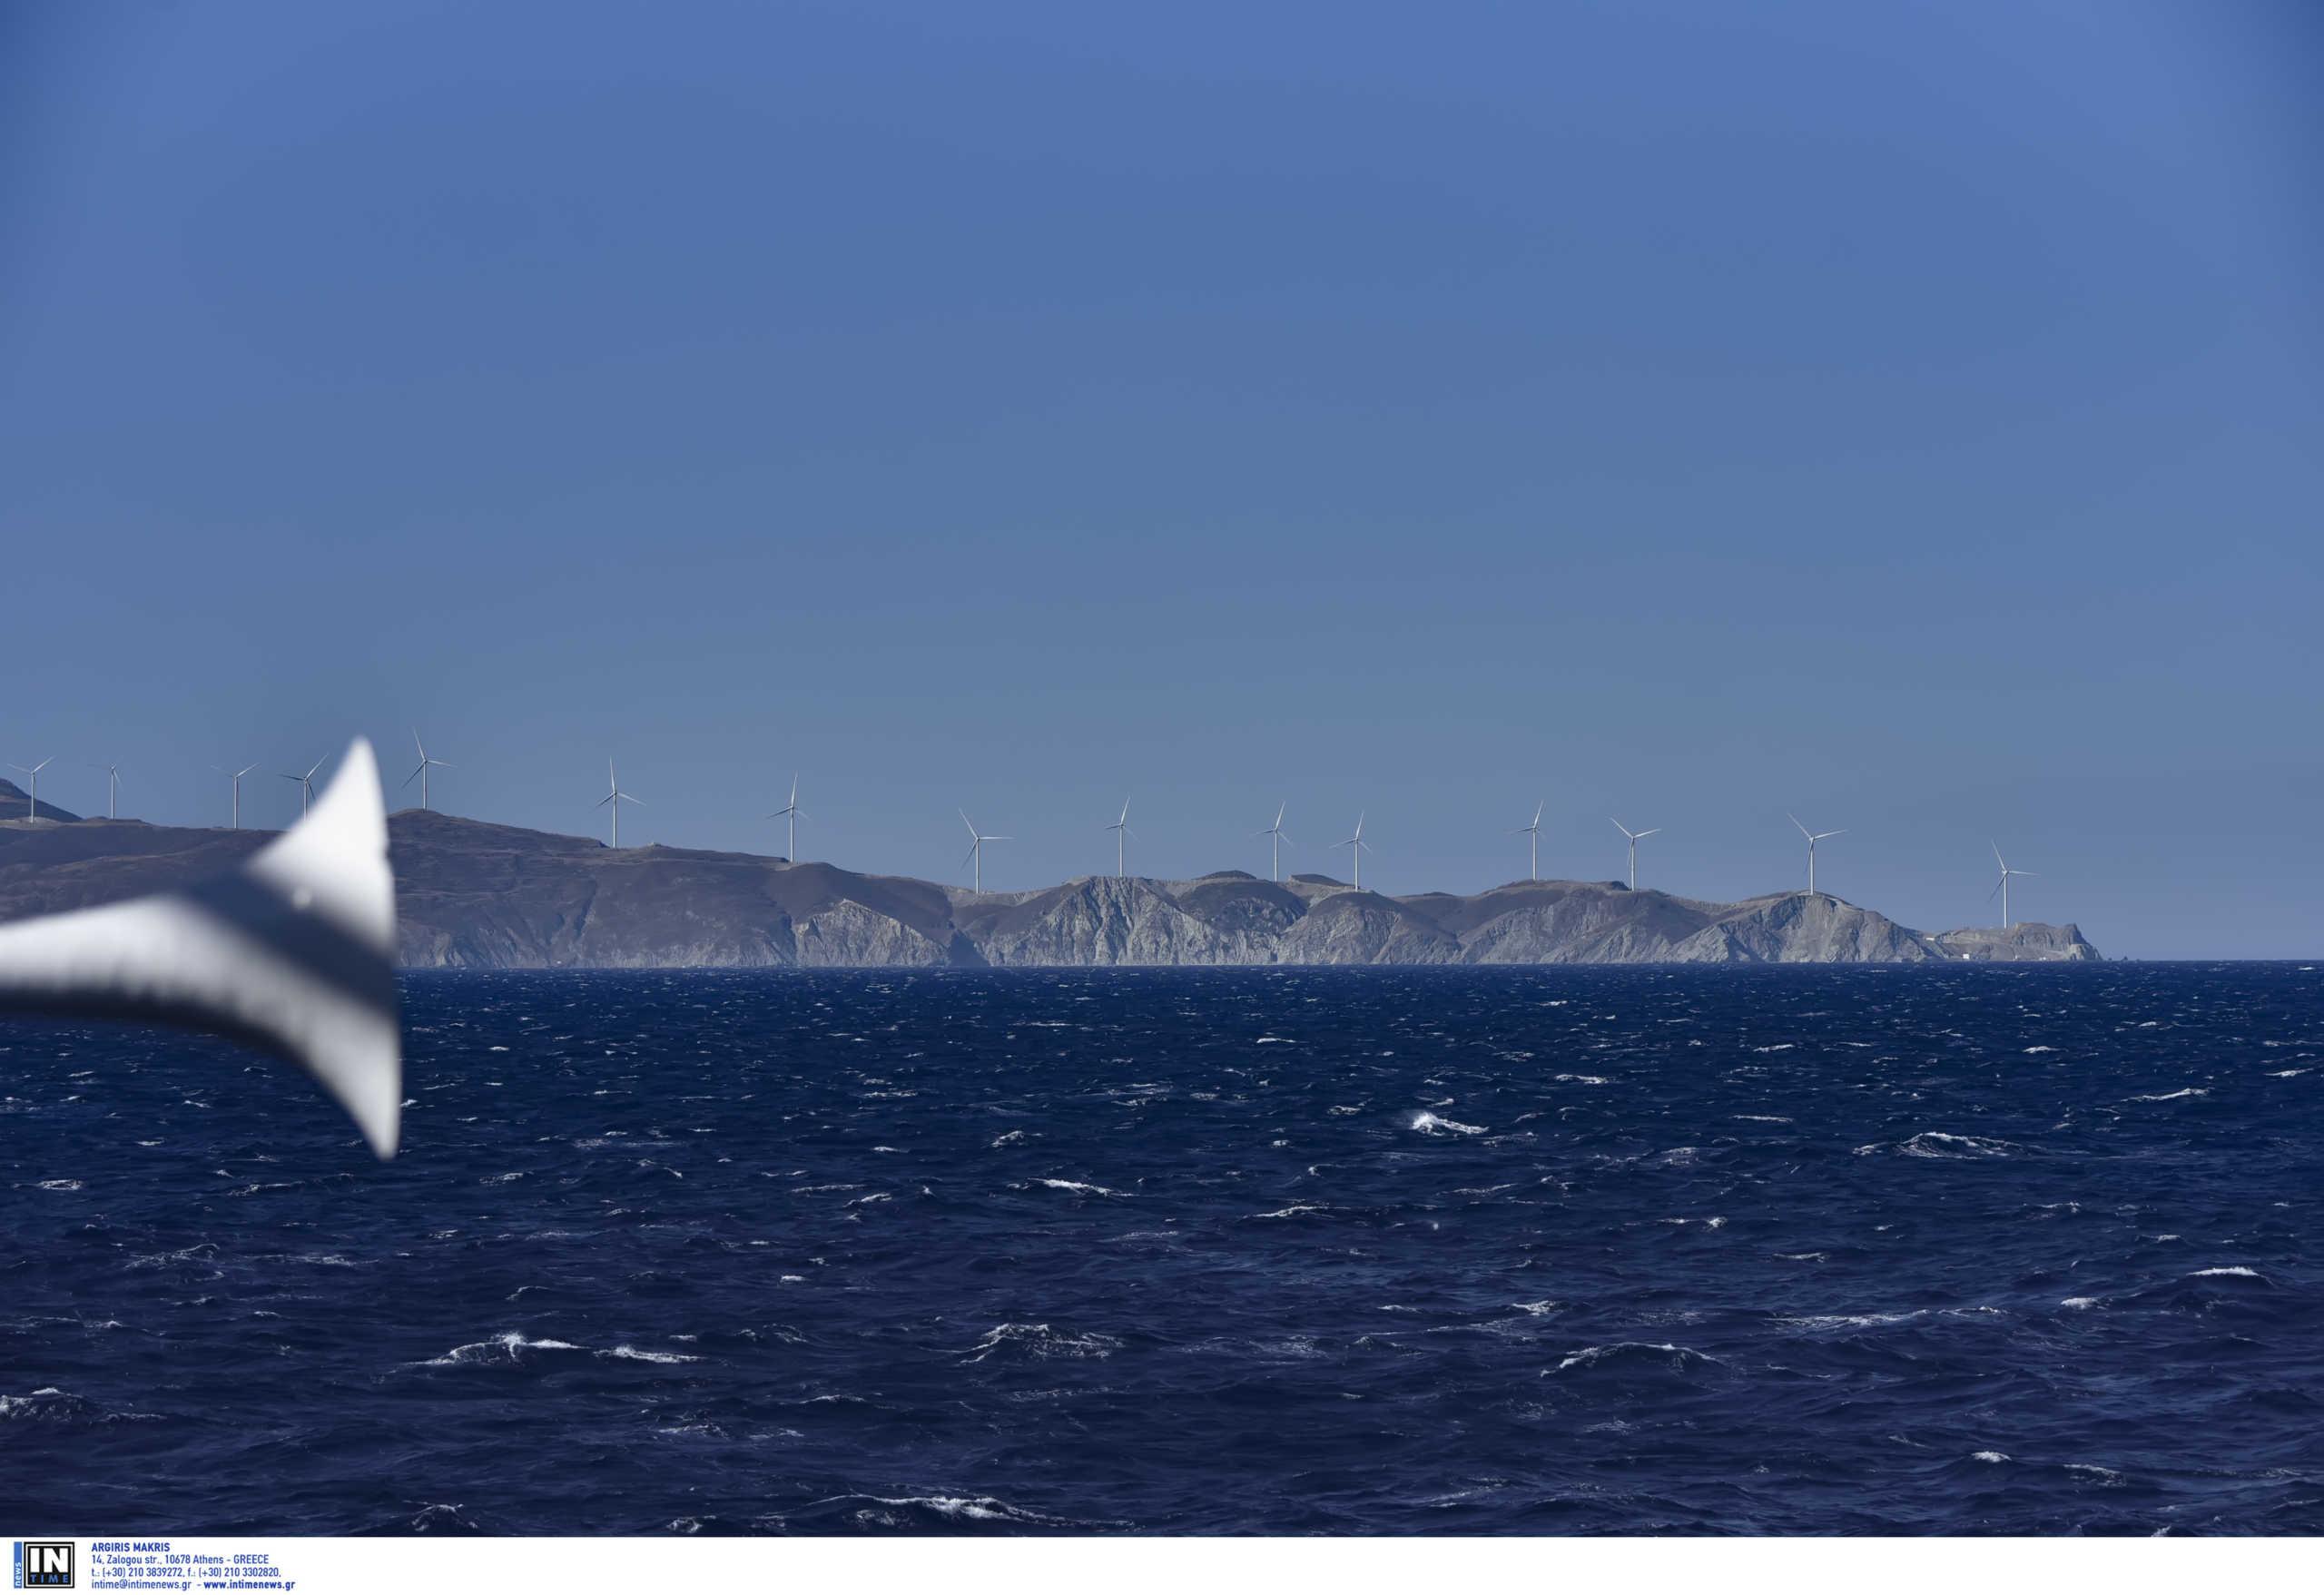 Καιρός αύριο: Παραμένει η ζέστη παρά την μικρή πτώση της θερμοκρασίας – 8 μποφόρ στο Αιγαίο